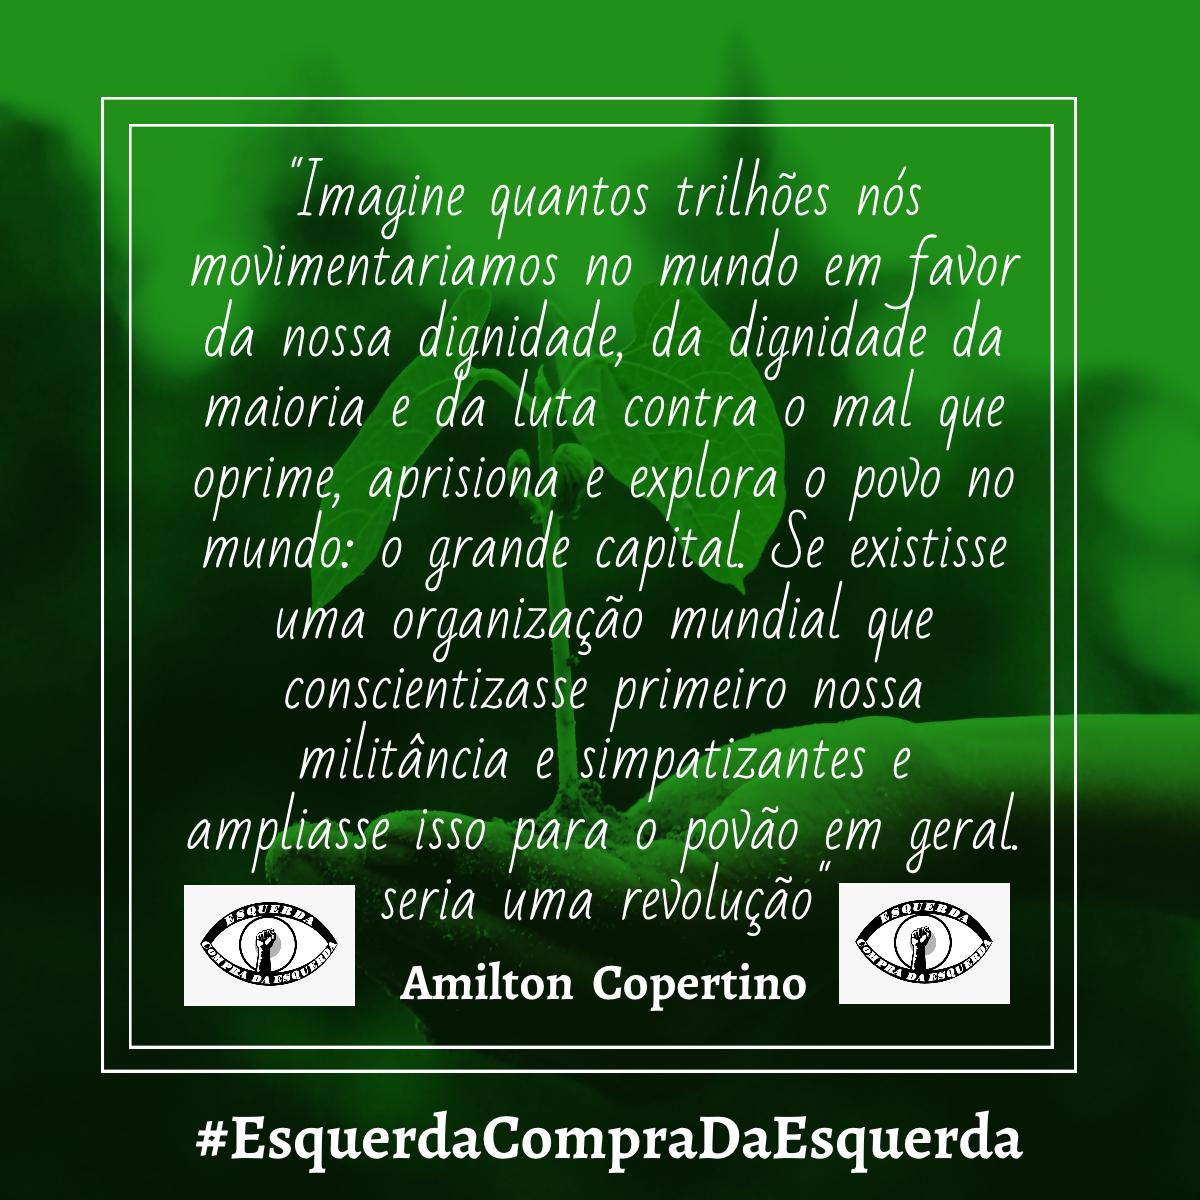 Amilton